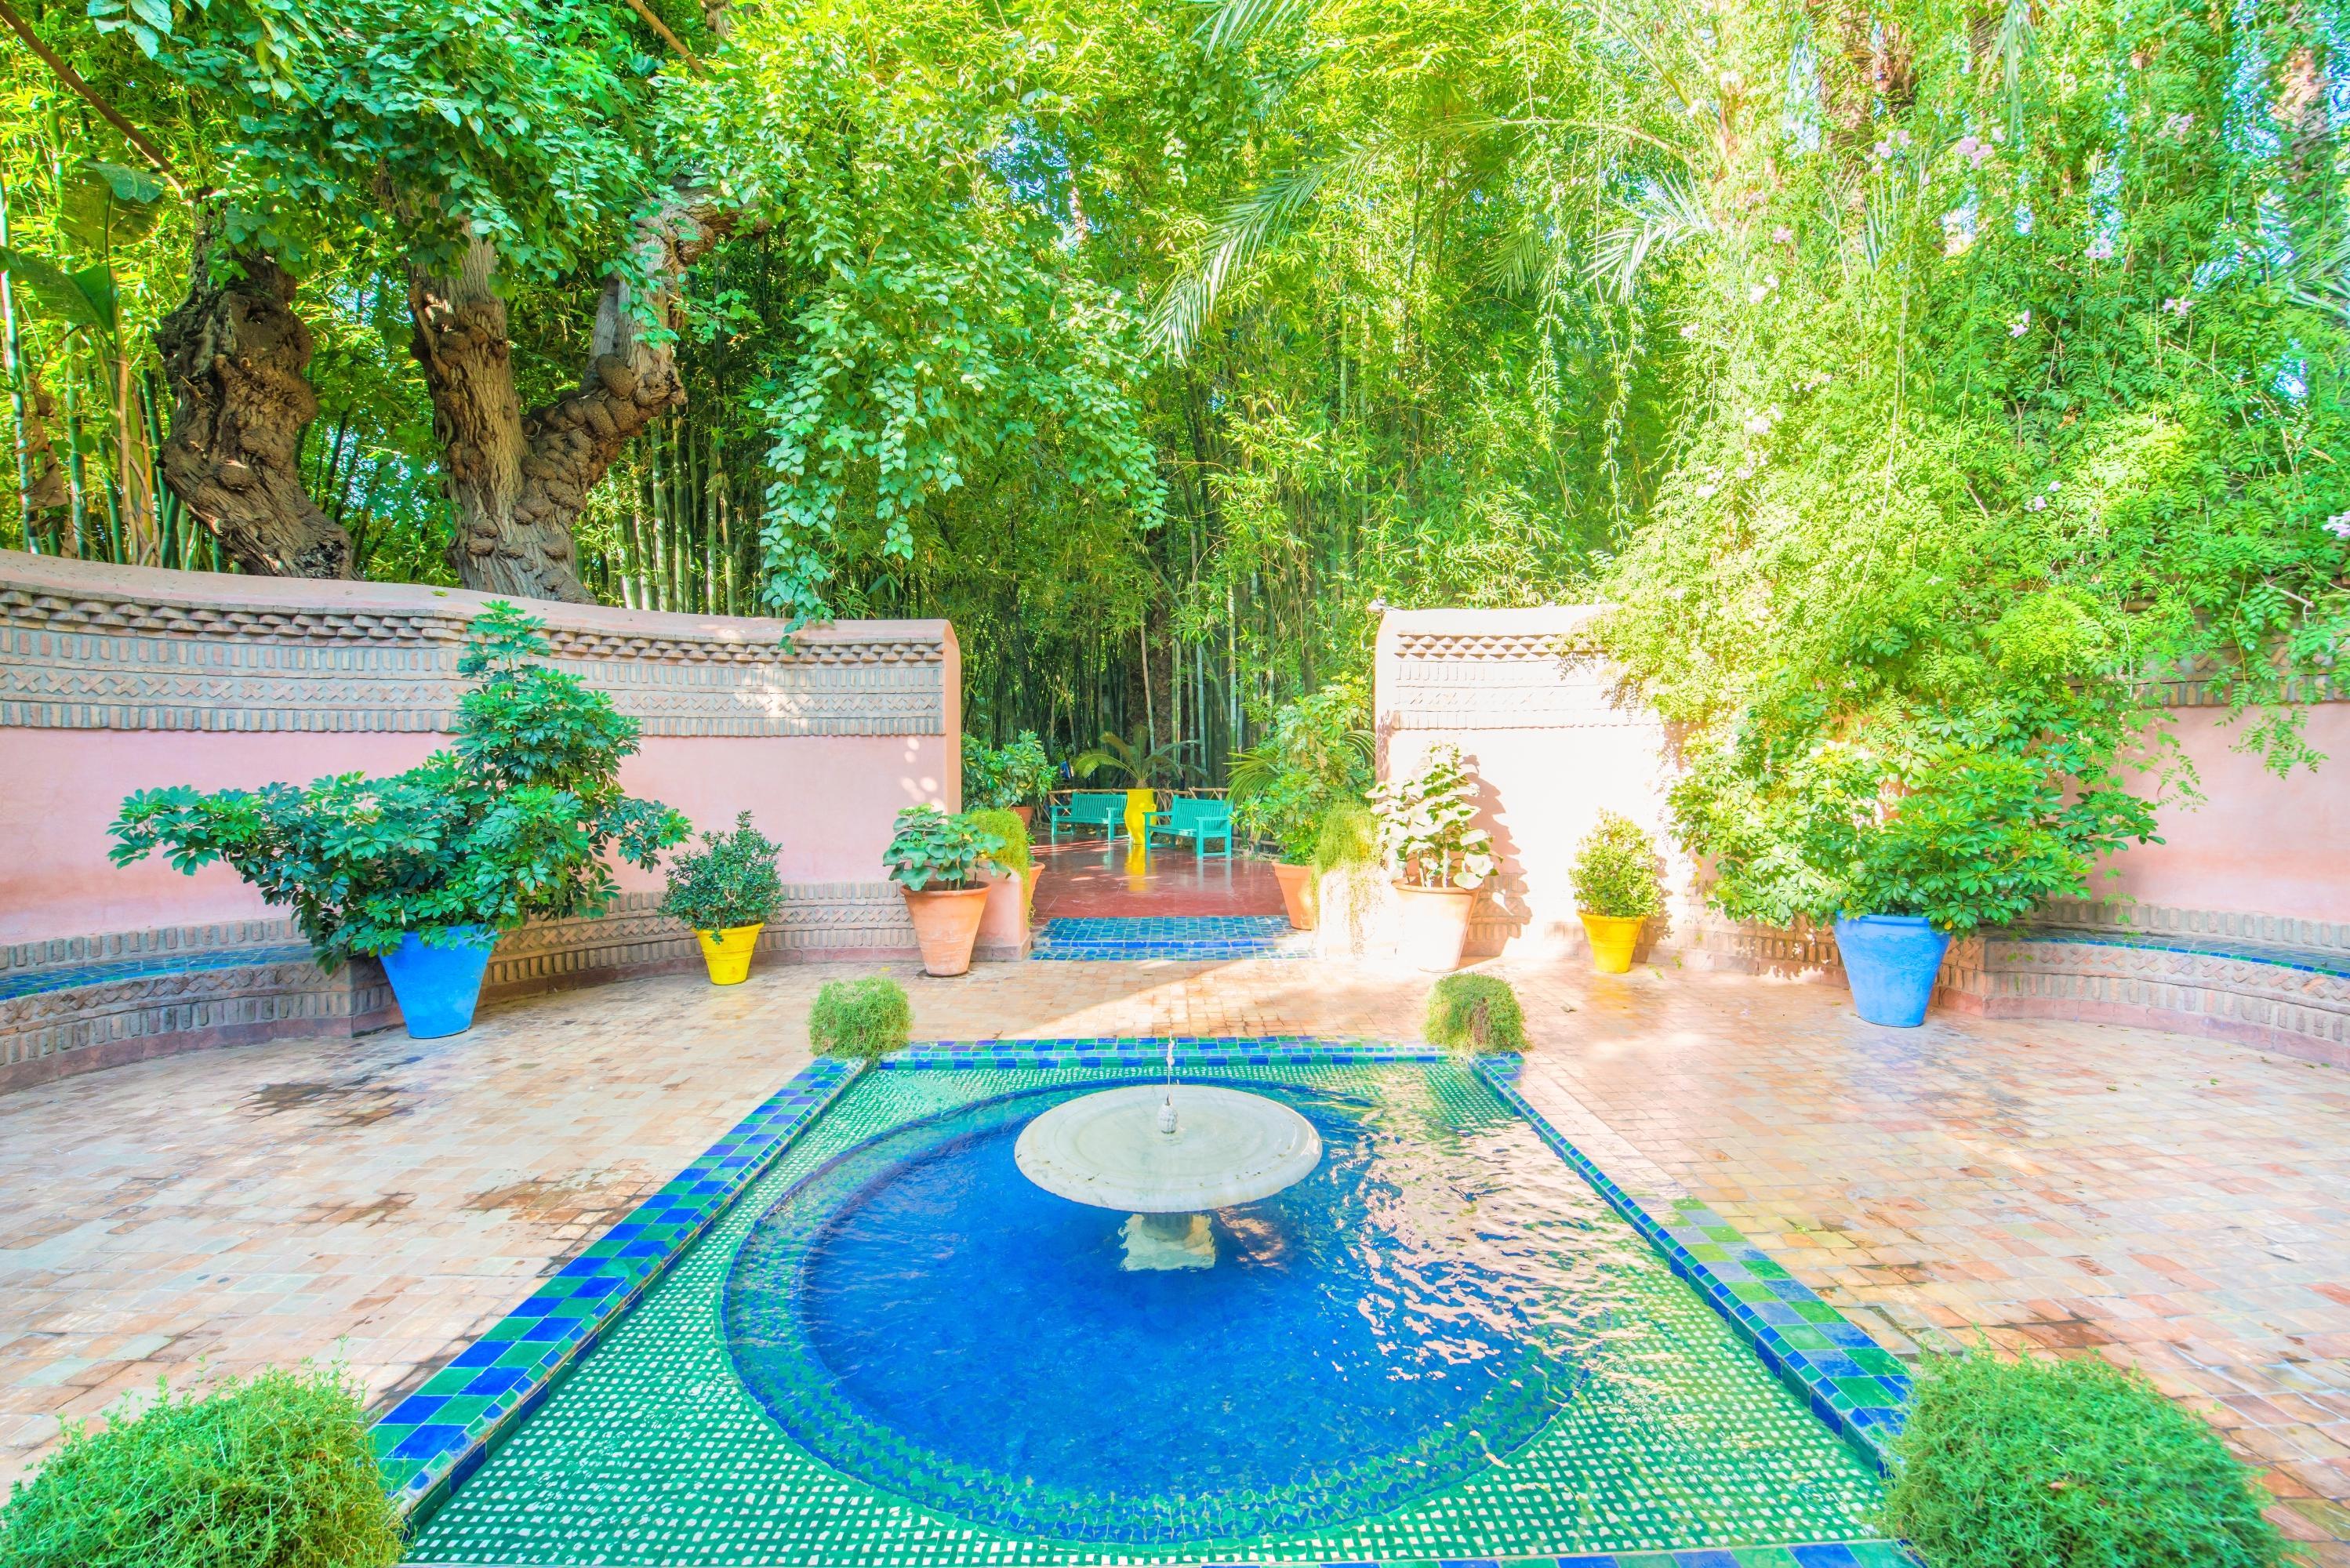 マジョレル庭園